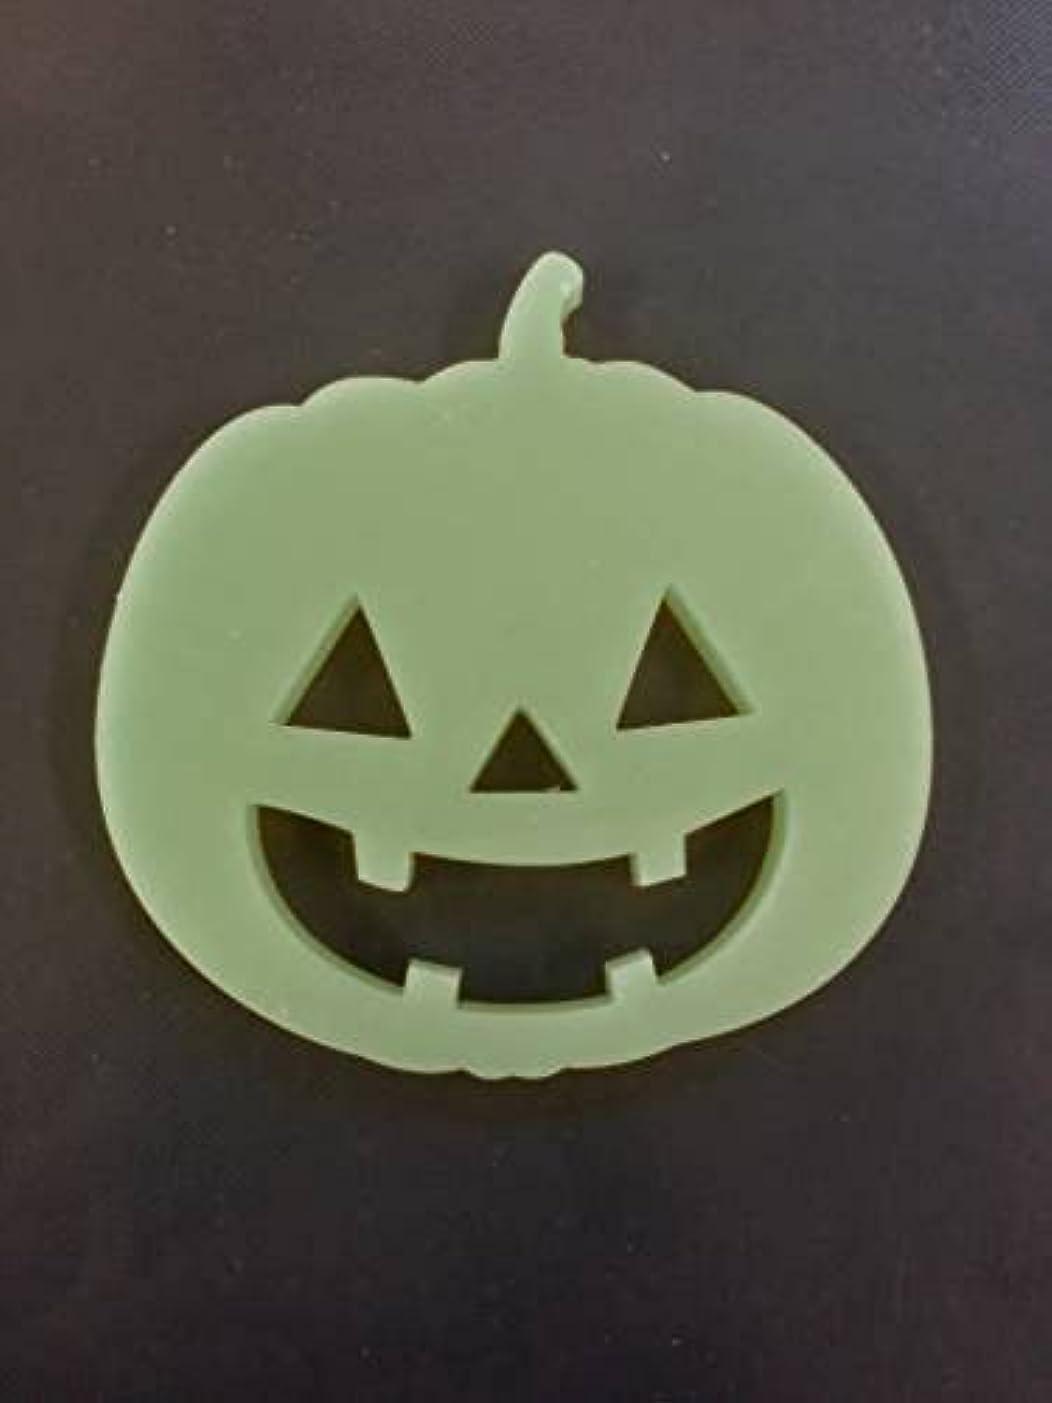 仕出しますこれまでマイクロプロセッサGRASSE TOKYO AROMATICWAXチャーム「ハロウィンかぼちゃ」(GR) レモングラス アロマティックワックス グラーストウキョウ